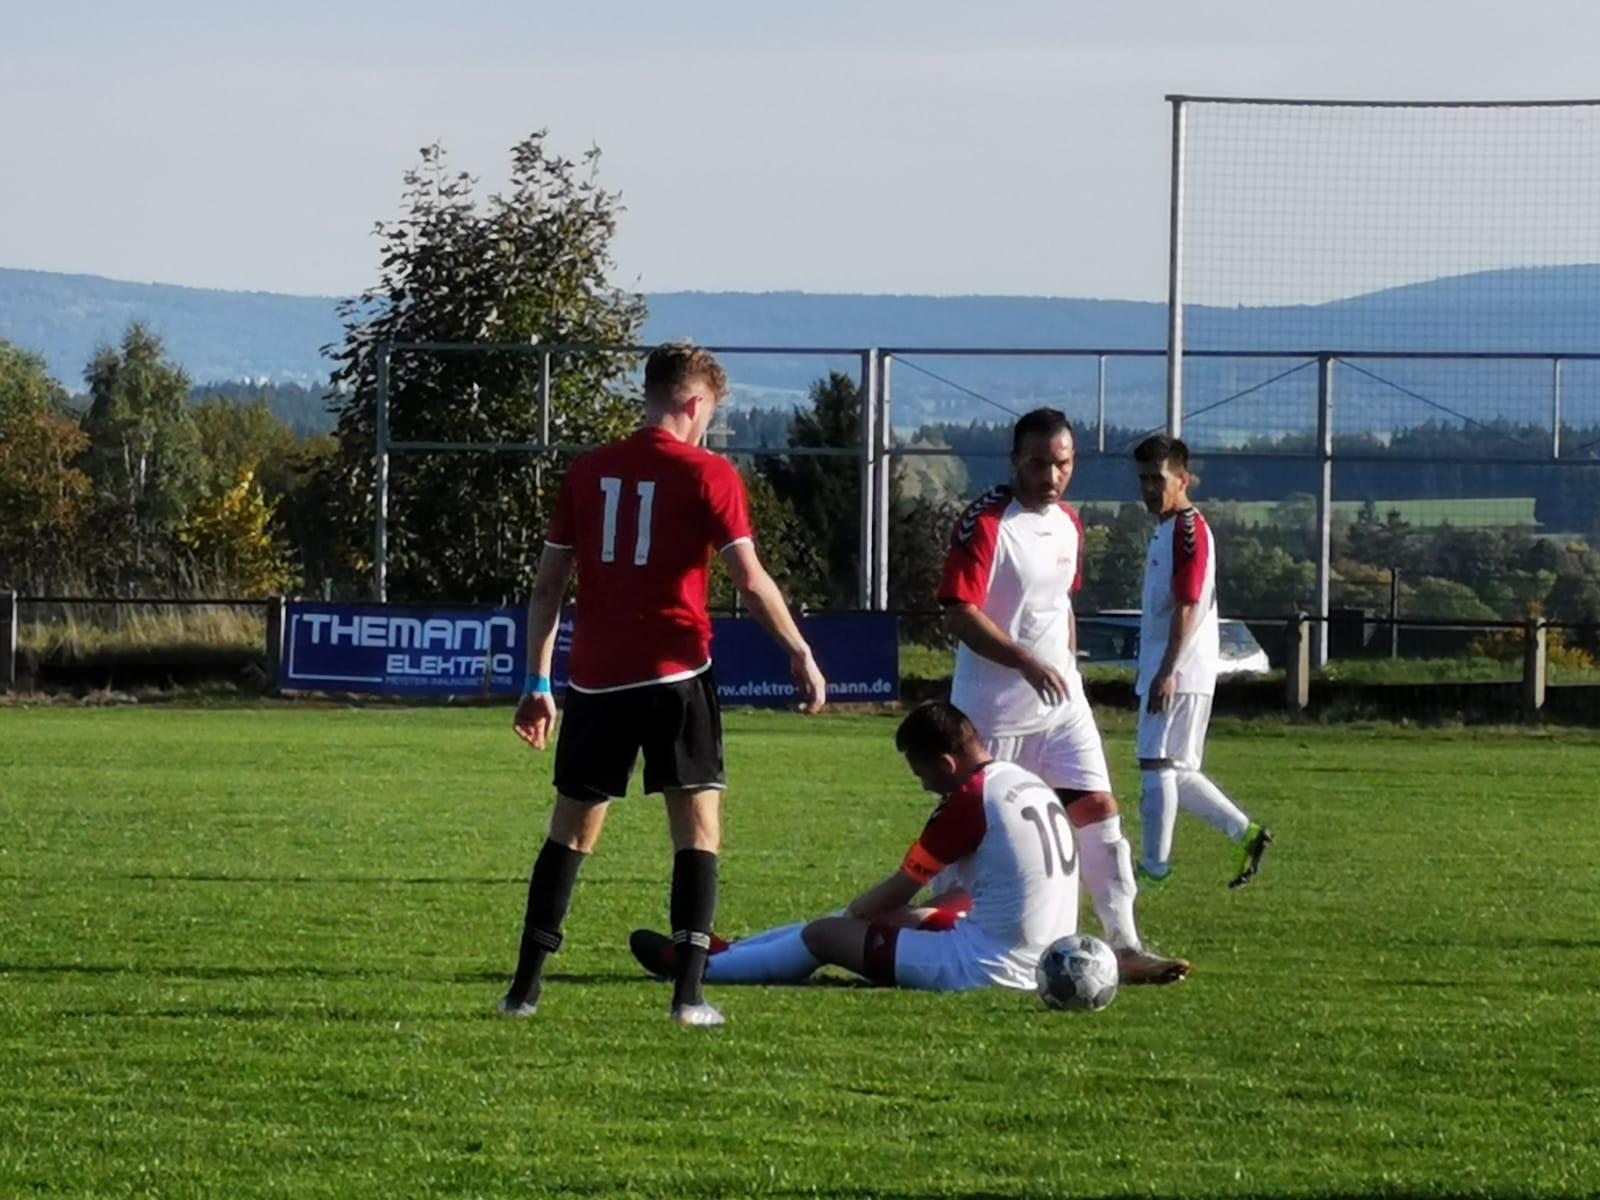 Die Rothosen gewinnen das Derby gegen Münchberg!